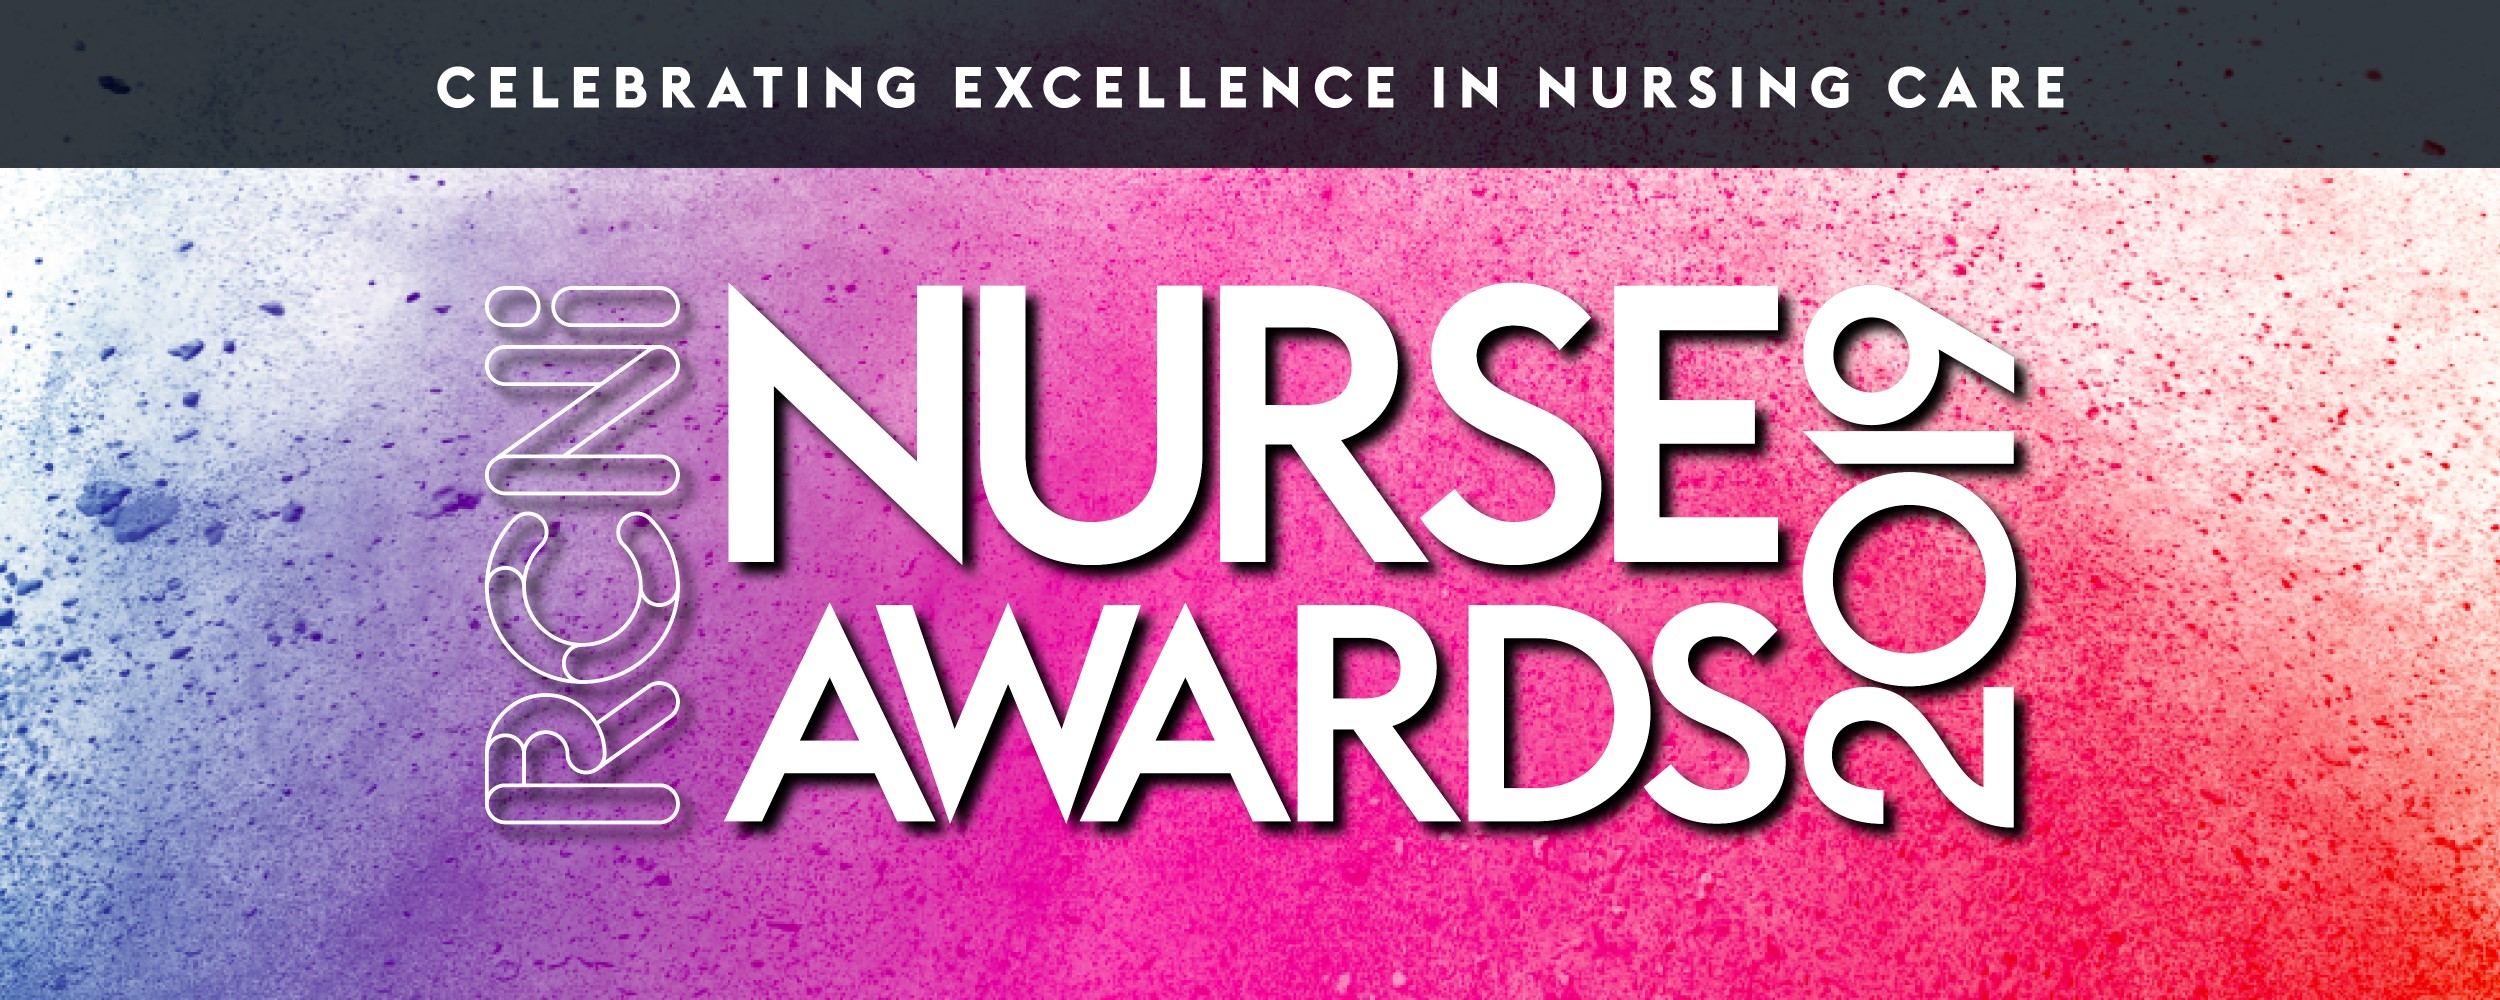 RCNi Nurse Awards